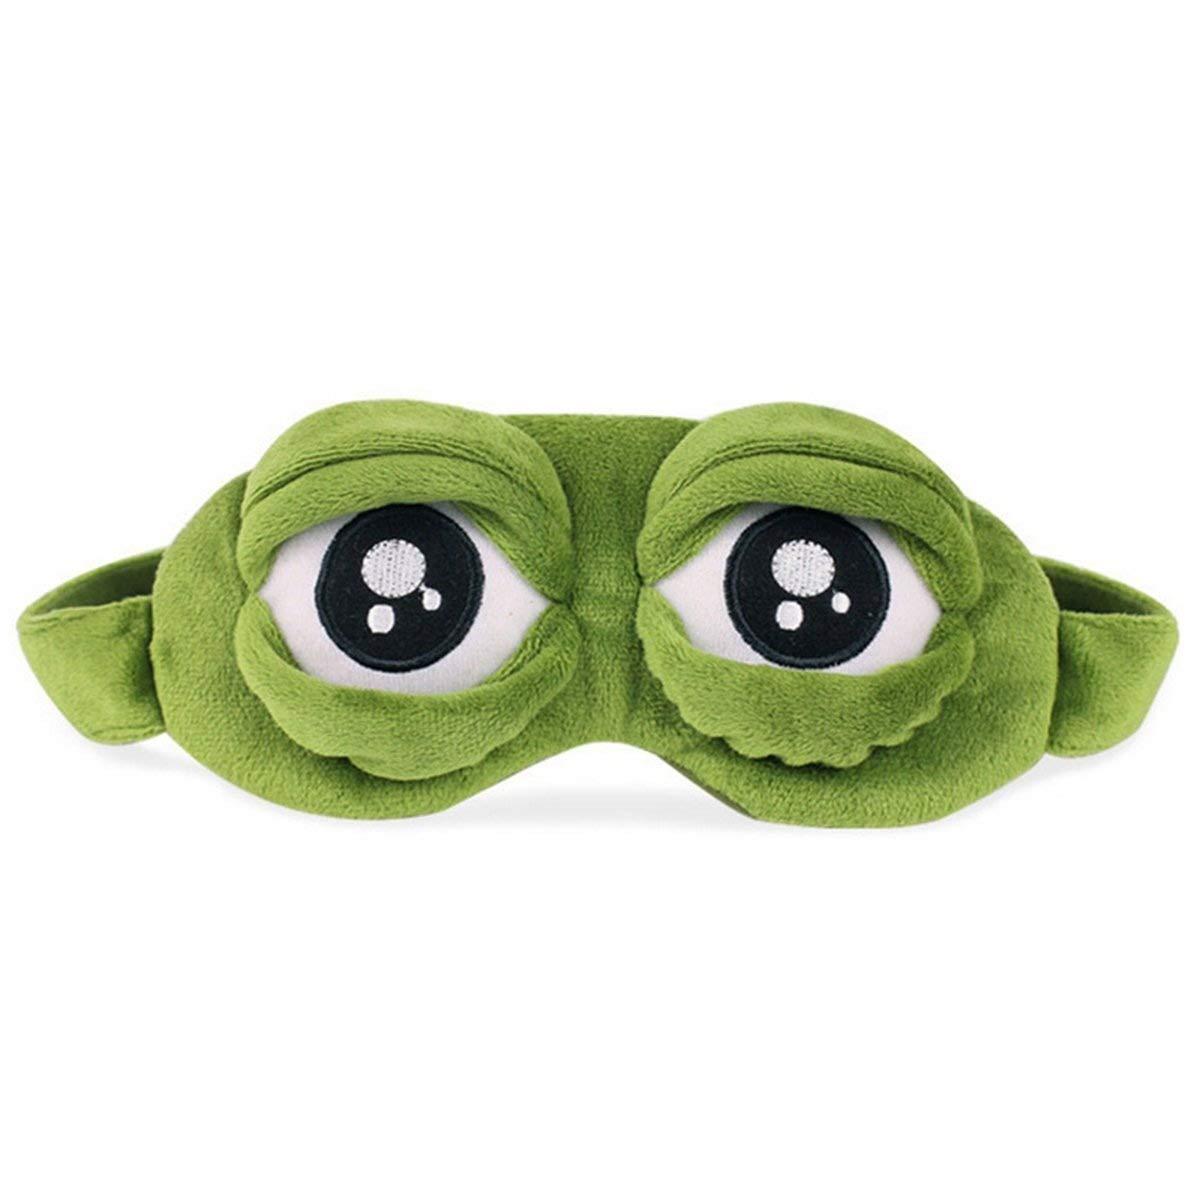 Diseño de rana de pelusas - Máscara para dormir Funny Cartoon Antifaz para dormir antifaz para dormir con bolsa de hielo para sleeping-frog ojos: Amazon.es: ...